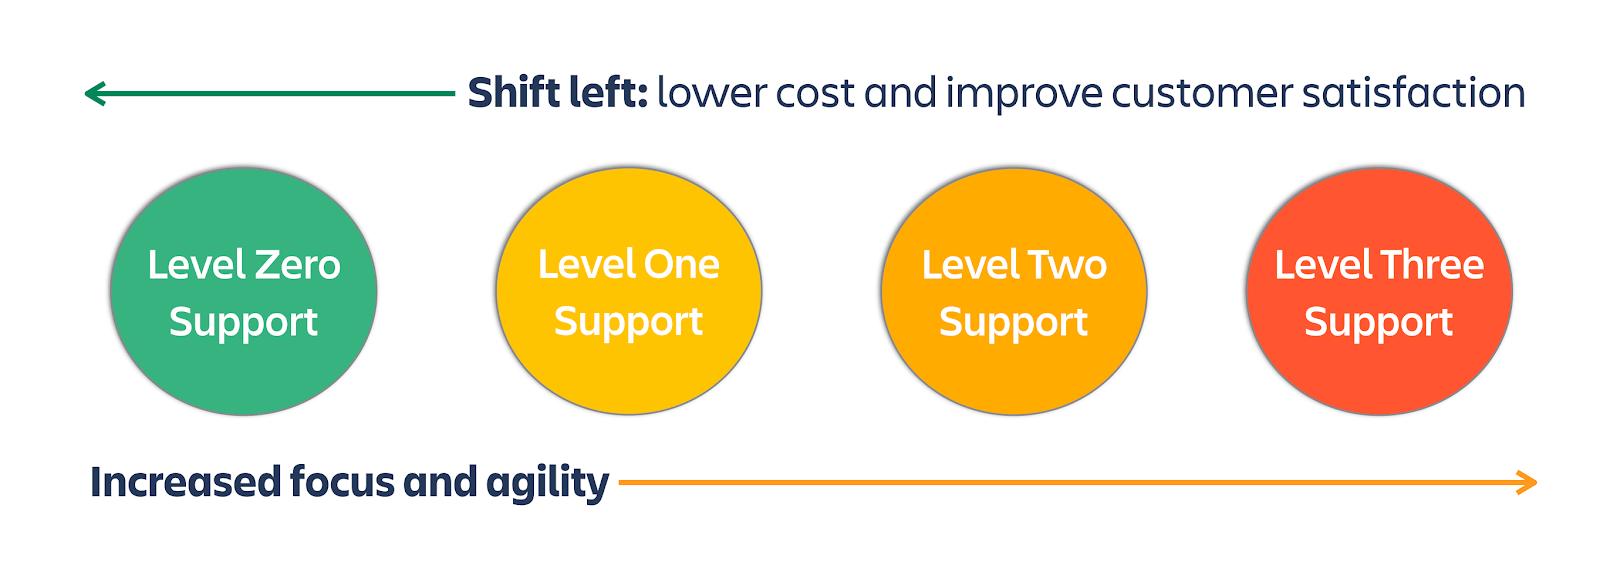 Diagrama mostrando a importância da mudança à esquerda no suporte de TI